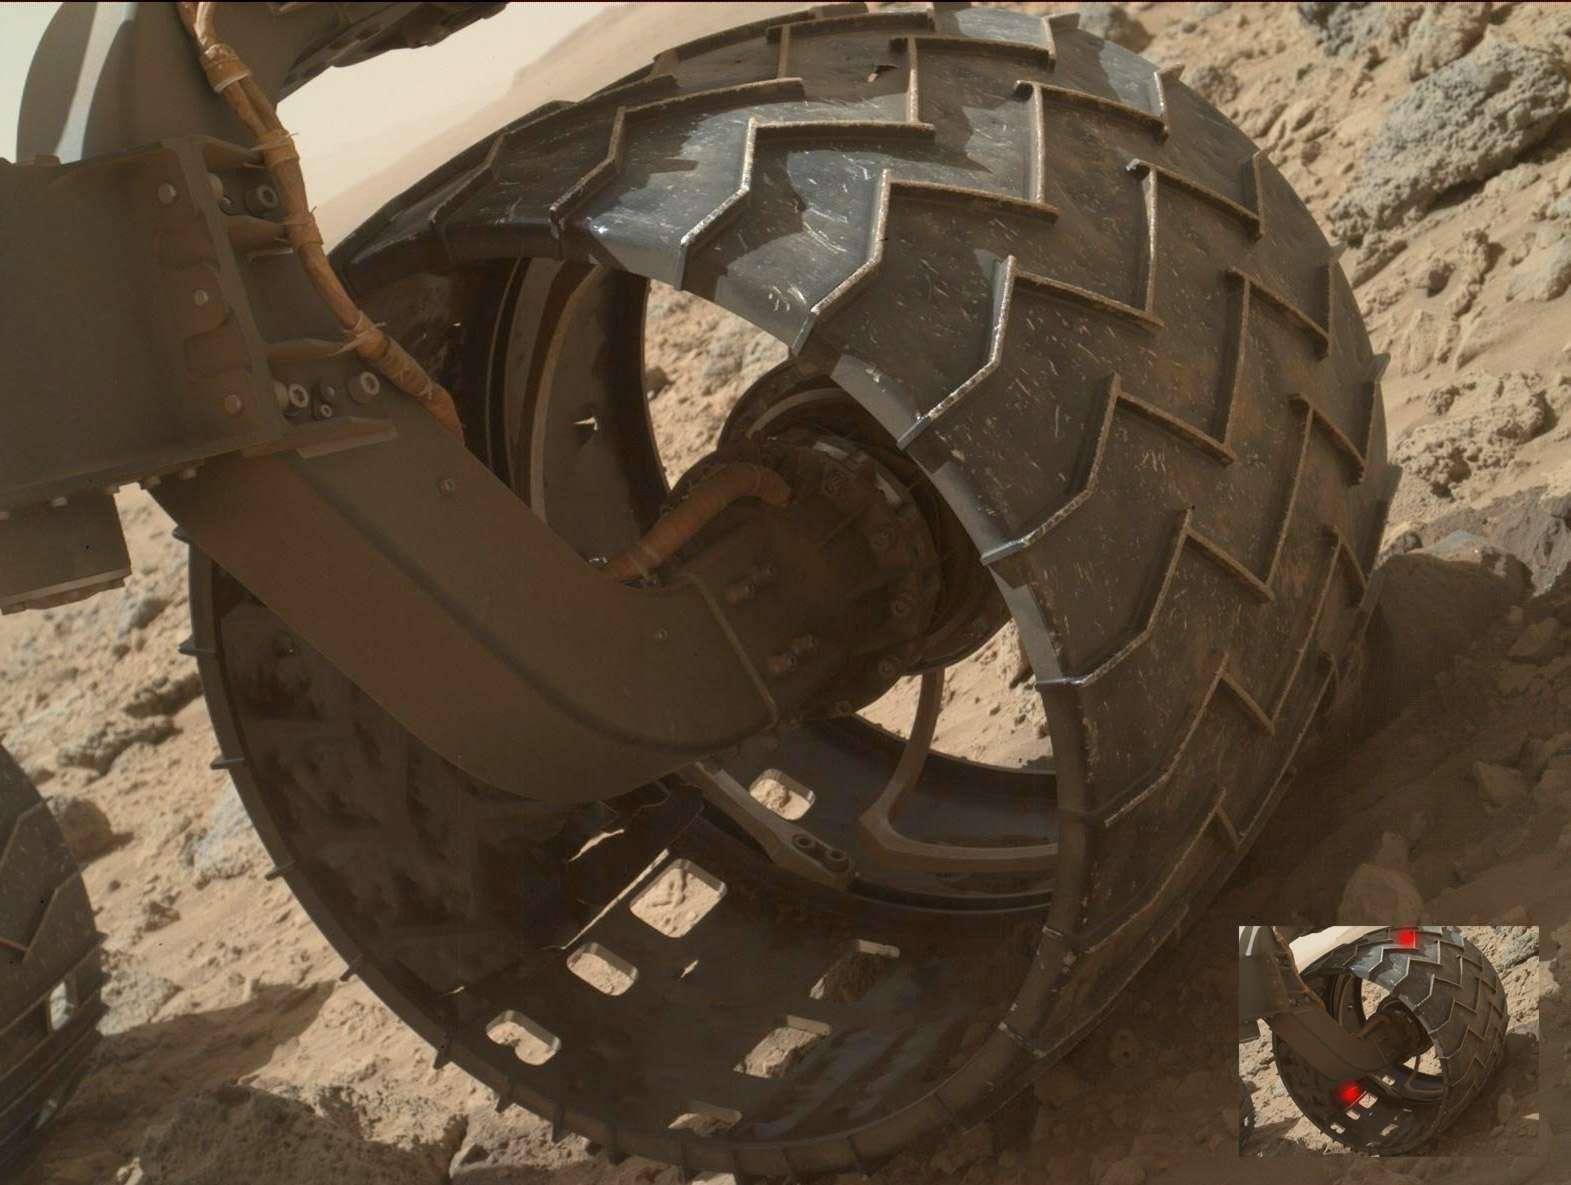 Une des six roues détériorées du rover Curiosity. On aperçoit très clairement deux perforations dont une très significative. © Nasa/JPL